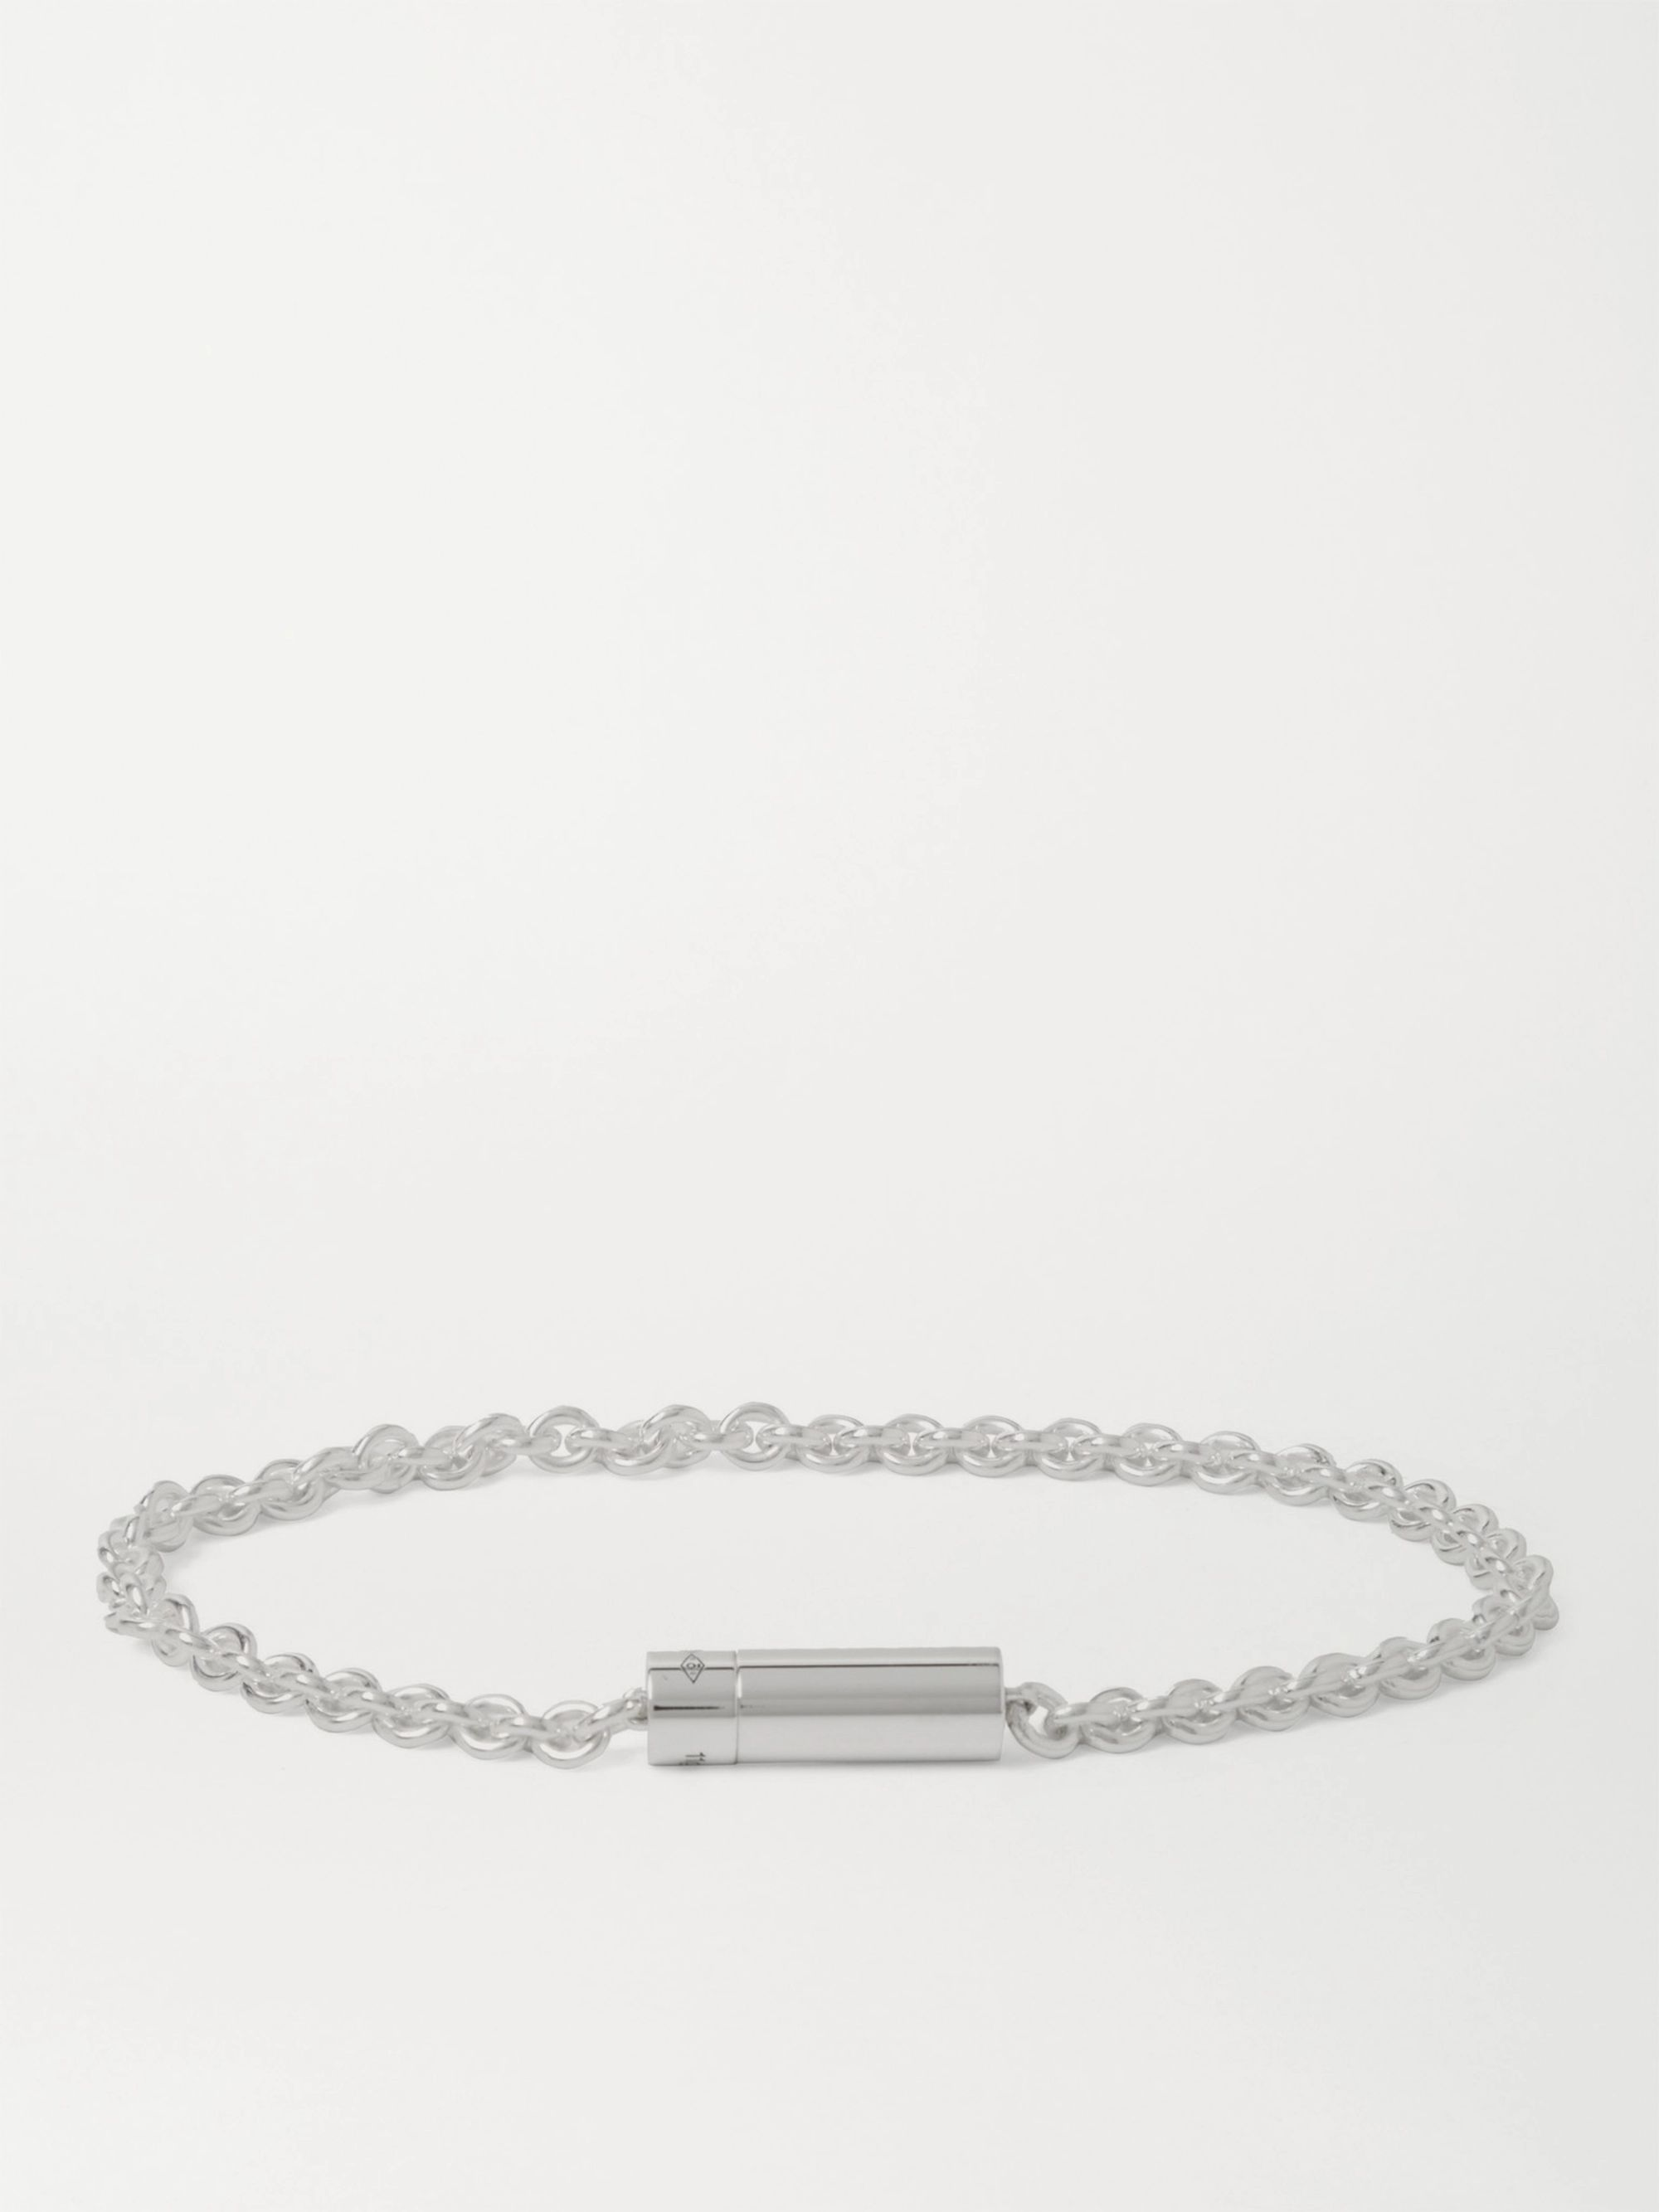 르그램 팔찌 Le Gramme 11g Sterling Silver Chain Bracelet